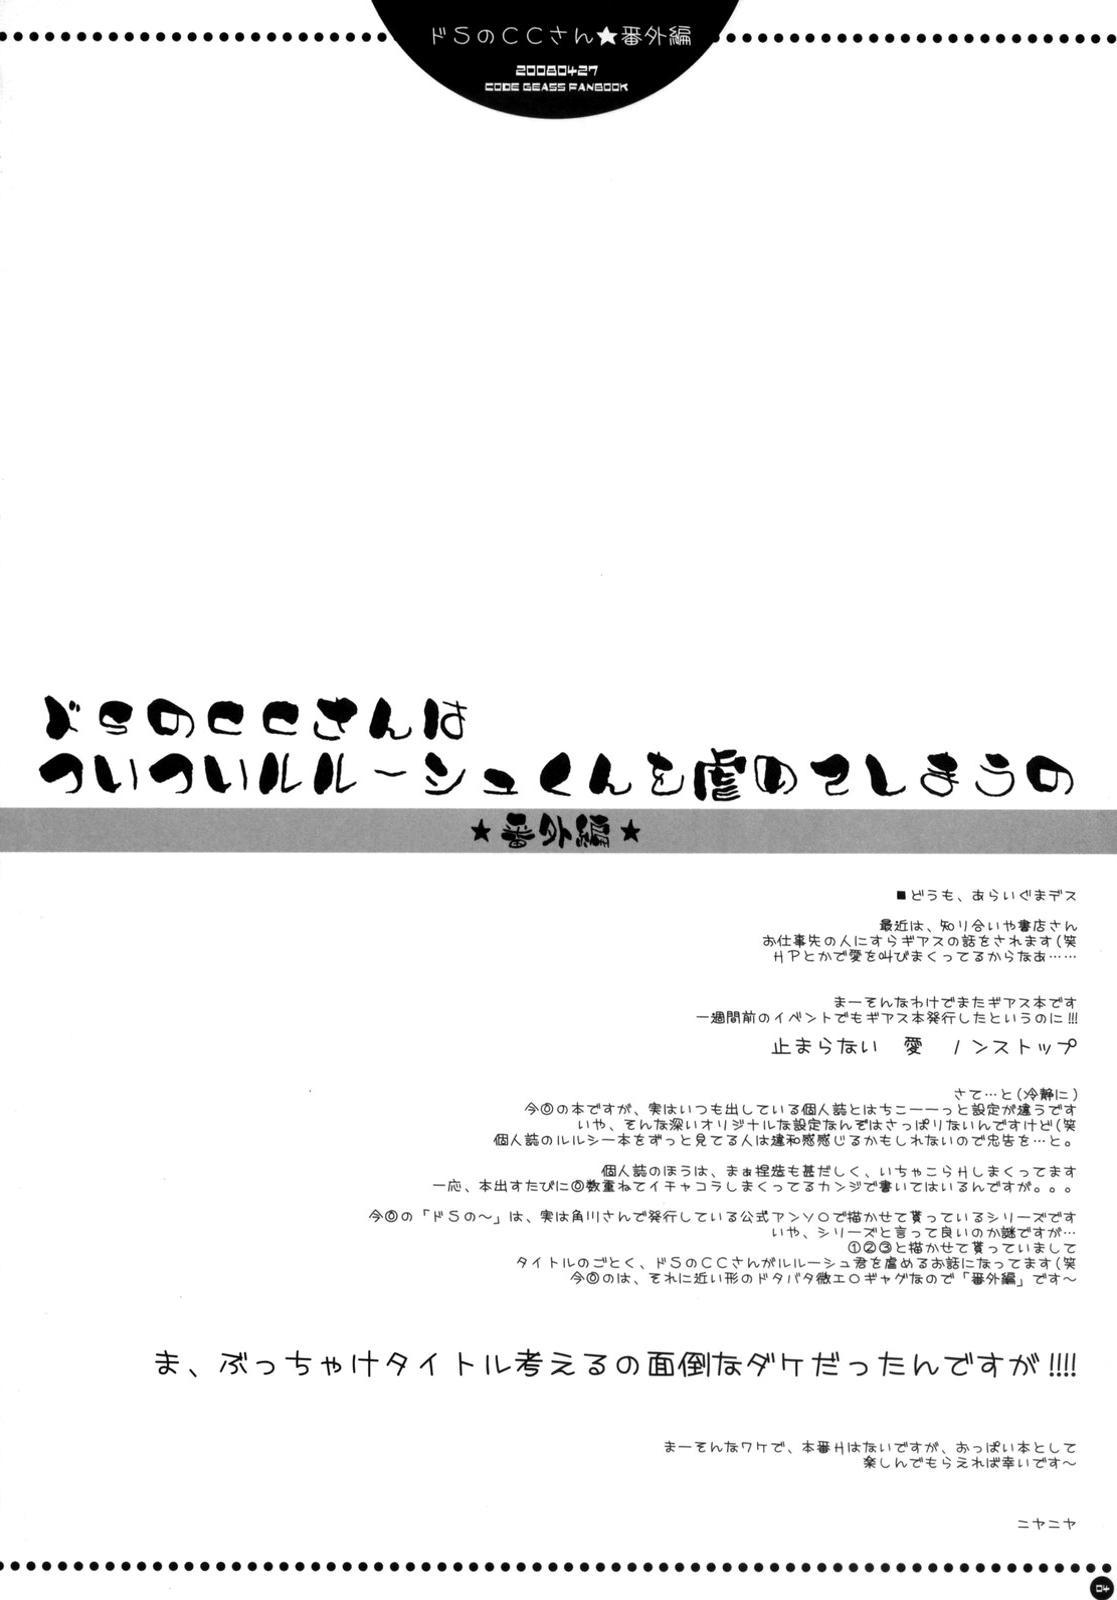 (COMIC1☆2) [PINK (Araiguma)] Do S no C.C.-san wa Tsui Tsui Lelouch-kun o Ijimete Shimau no - Bangaihen | Sadistic C.C. Carelessly Bullying Lelouch (CODE GEASS: Lelouch of the Rebellion) [English] 2